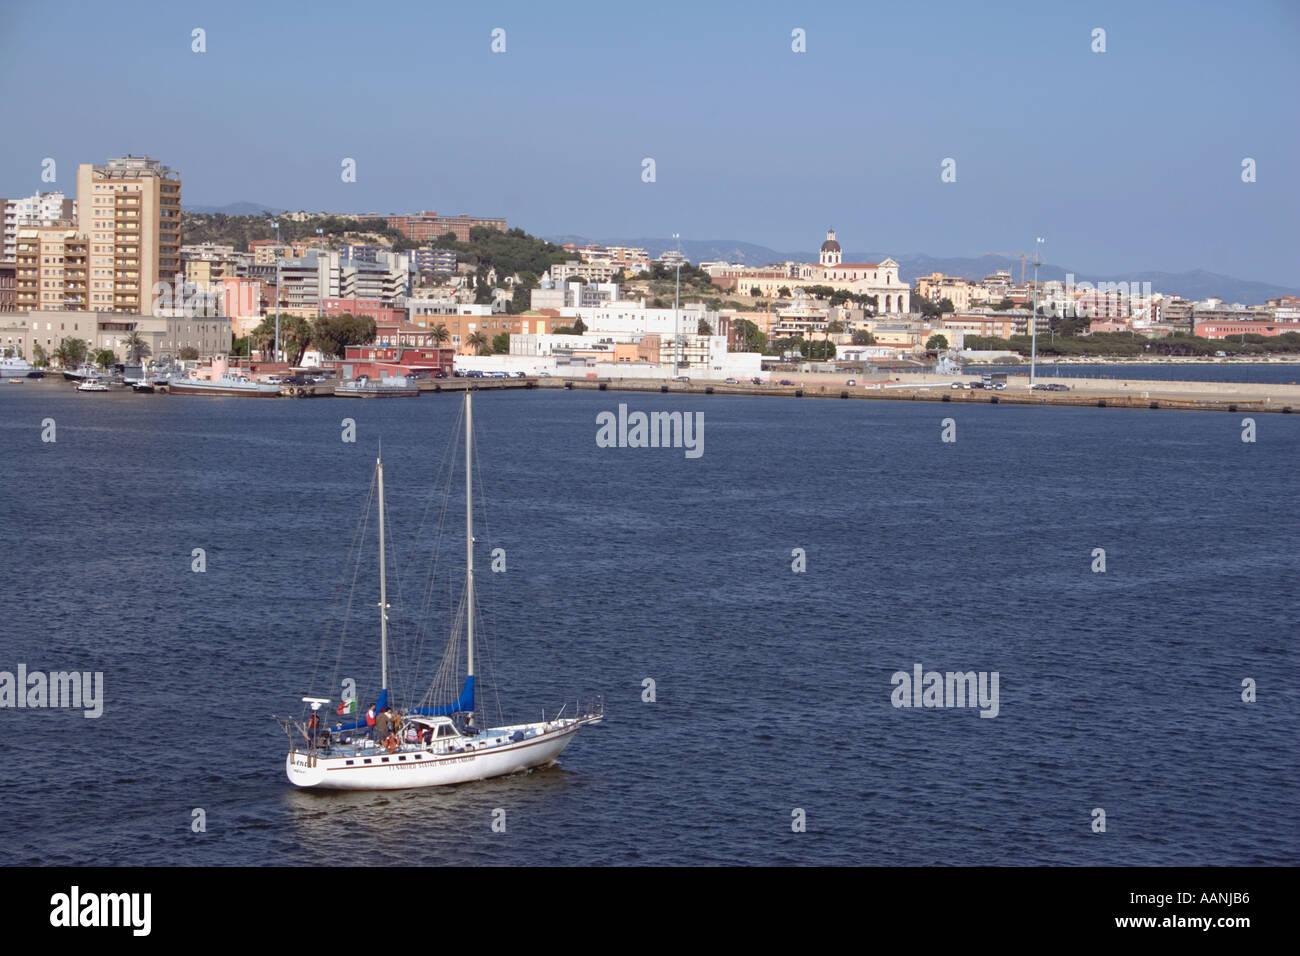 Cagliari skyline and yacht, Sardinia, - Stock Image